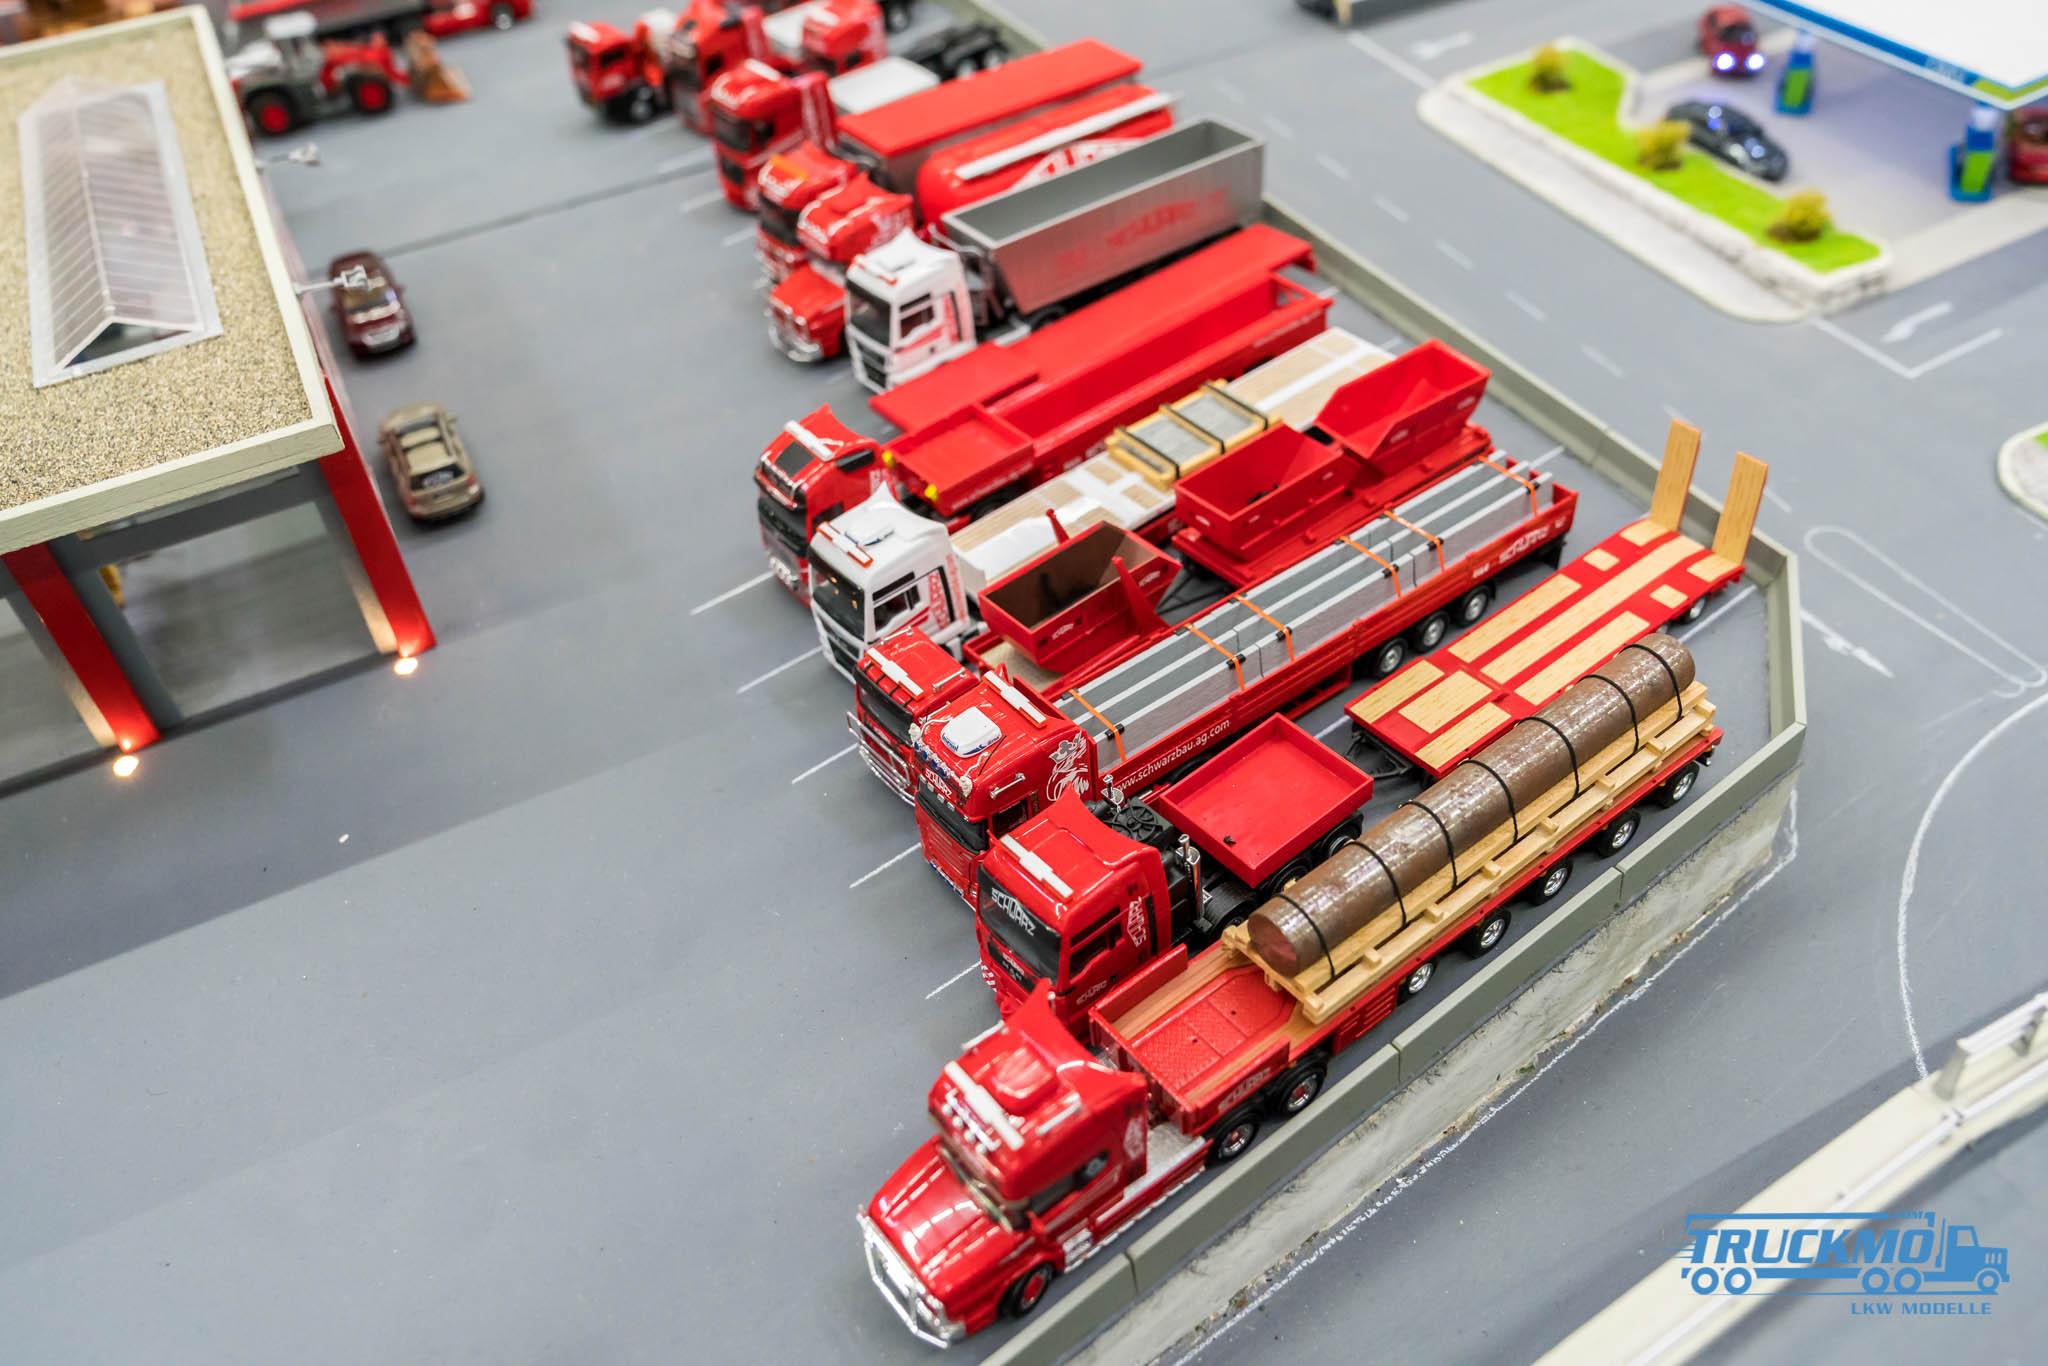 Truckmo_Modellbau_Ried_2017_Herpa_Messe_Modellbauausstellung (155 von 1177)